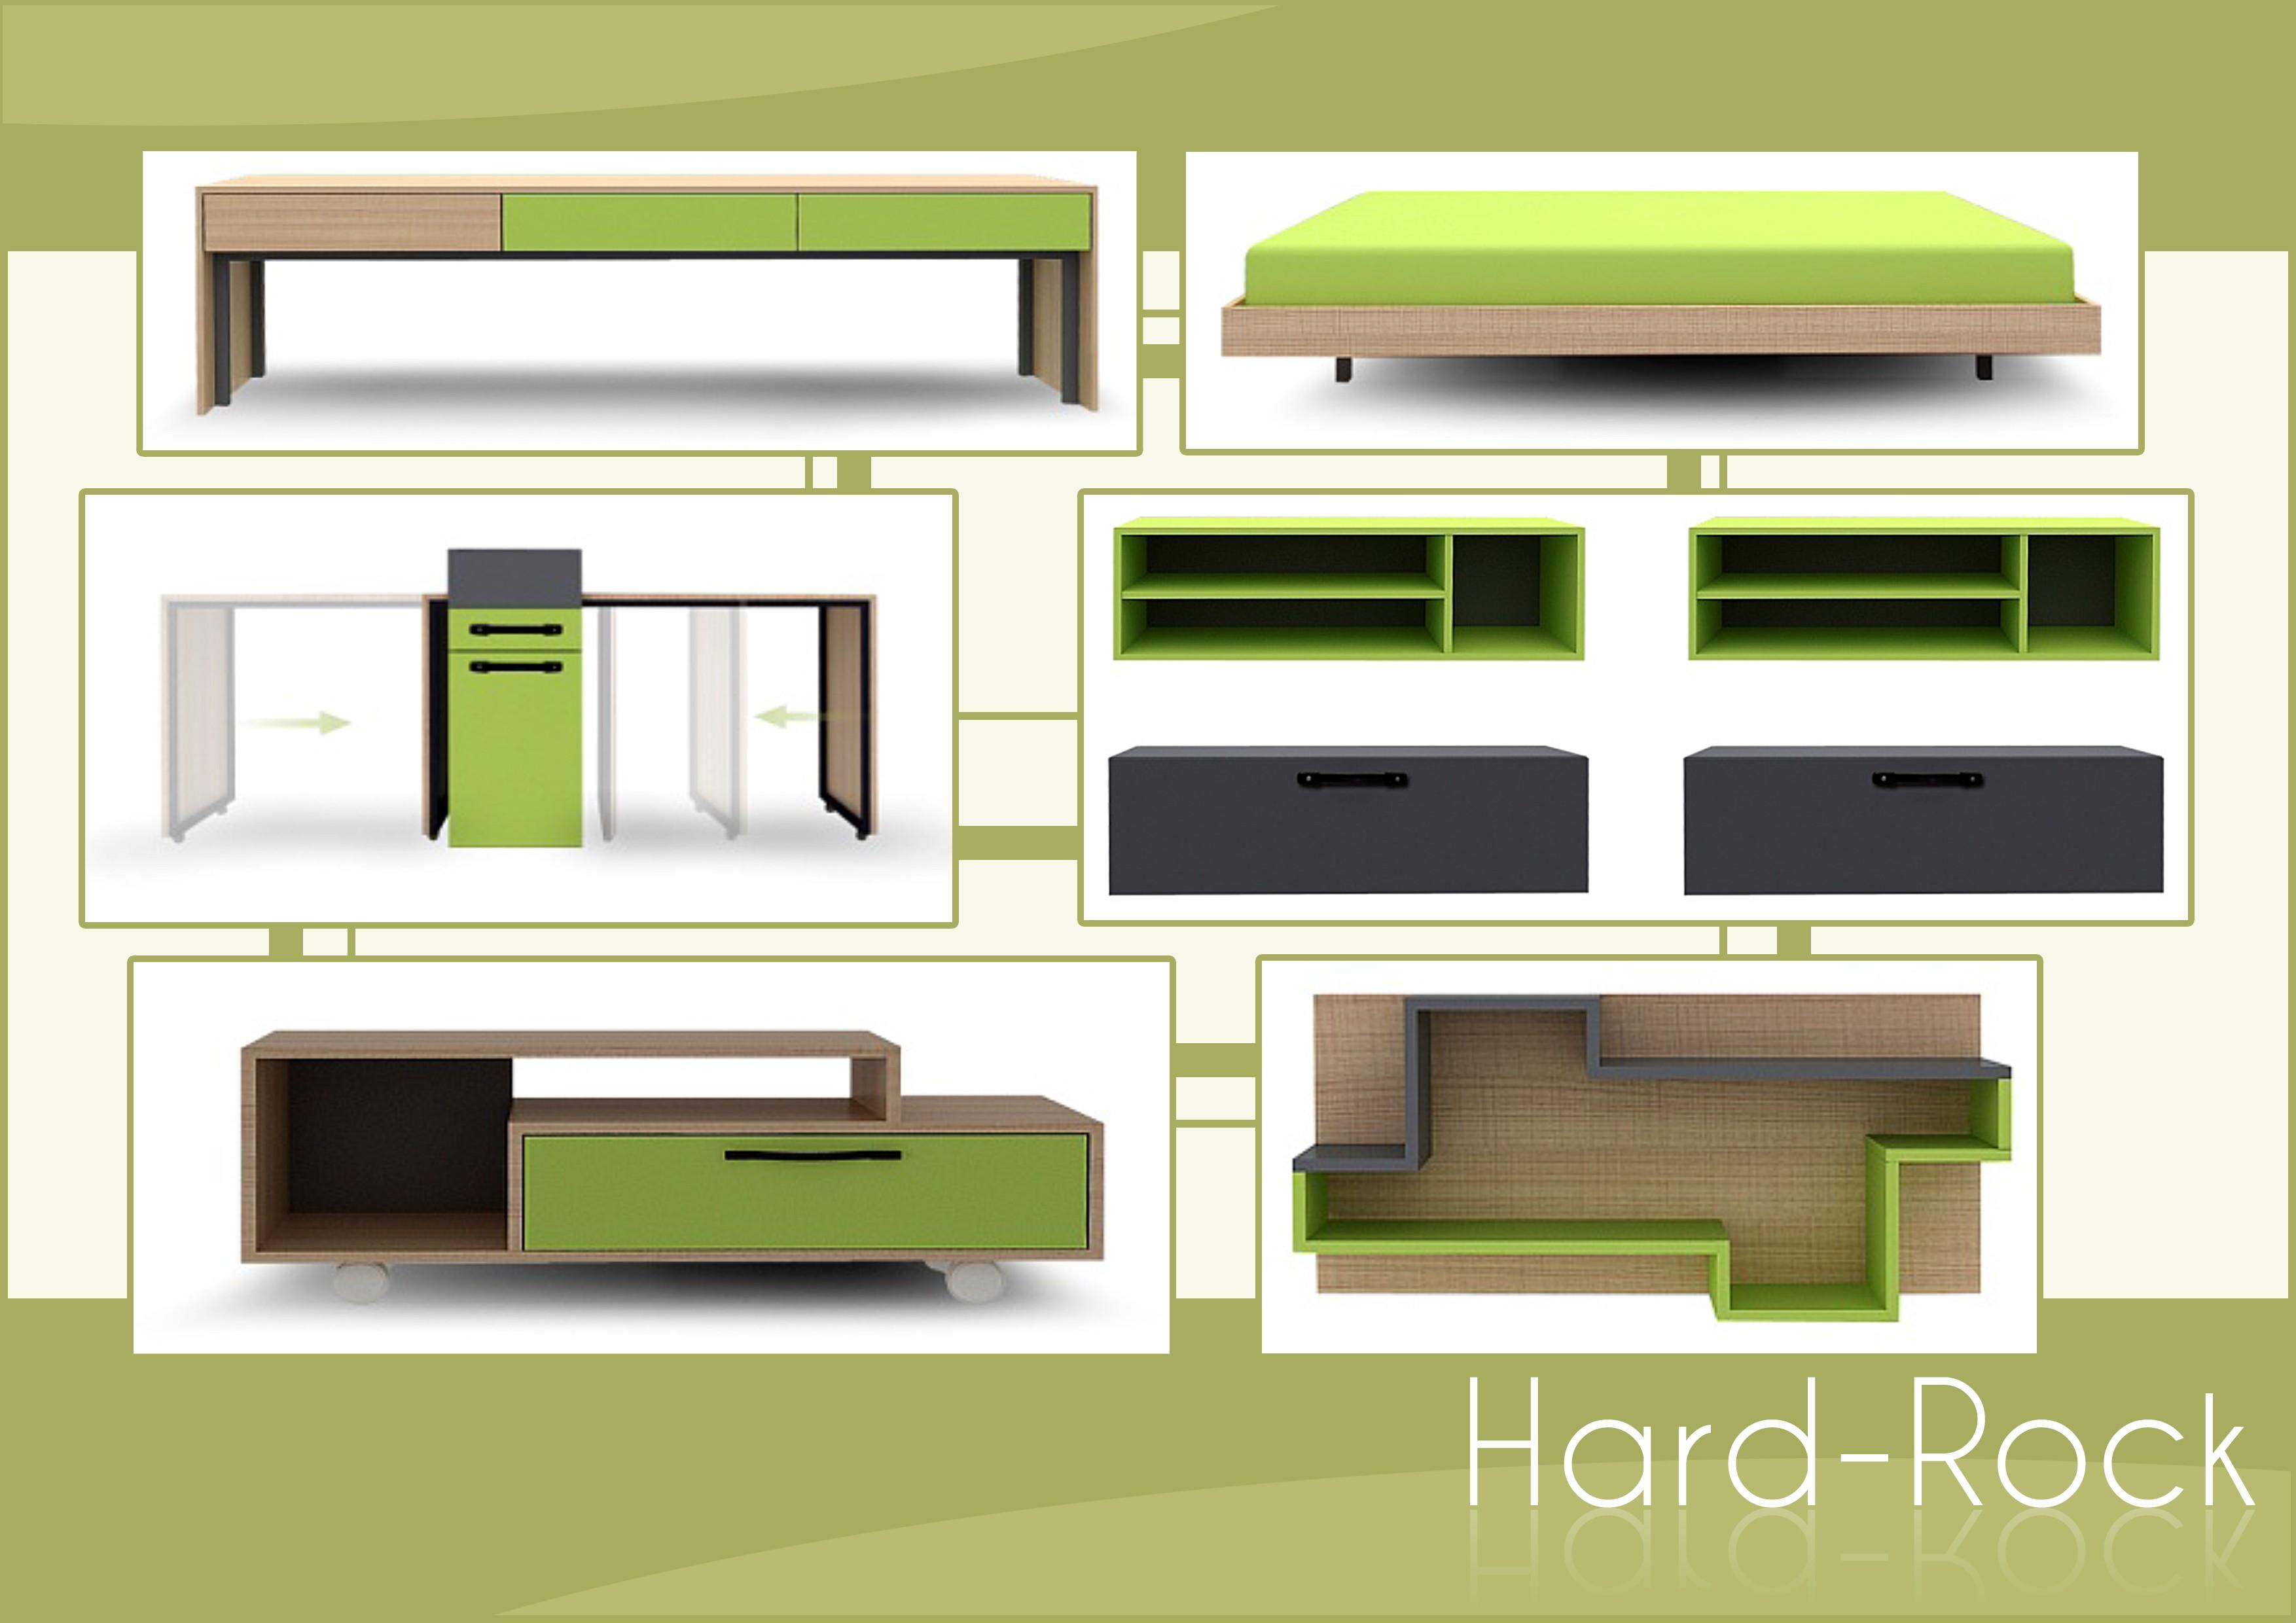 Jugendzimmer für jungs grün  Jugendzimmer Mod.855732 Grün - Anthrazit - Hellbraun - H&C Möbel